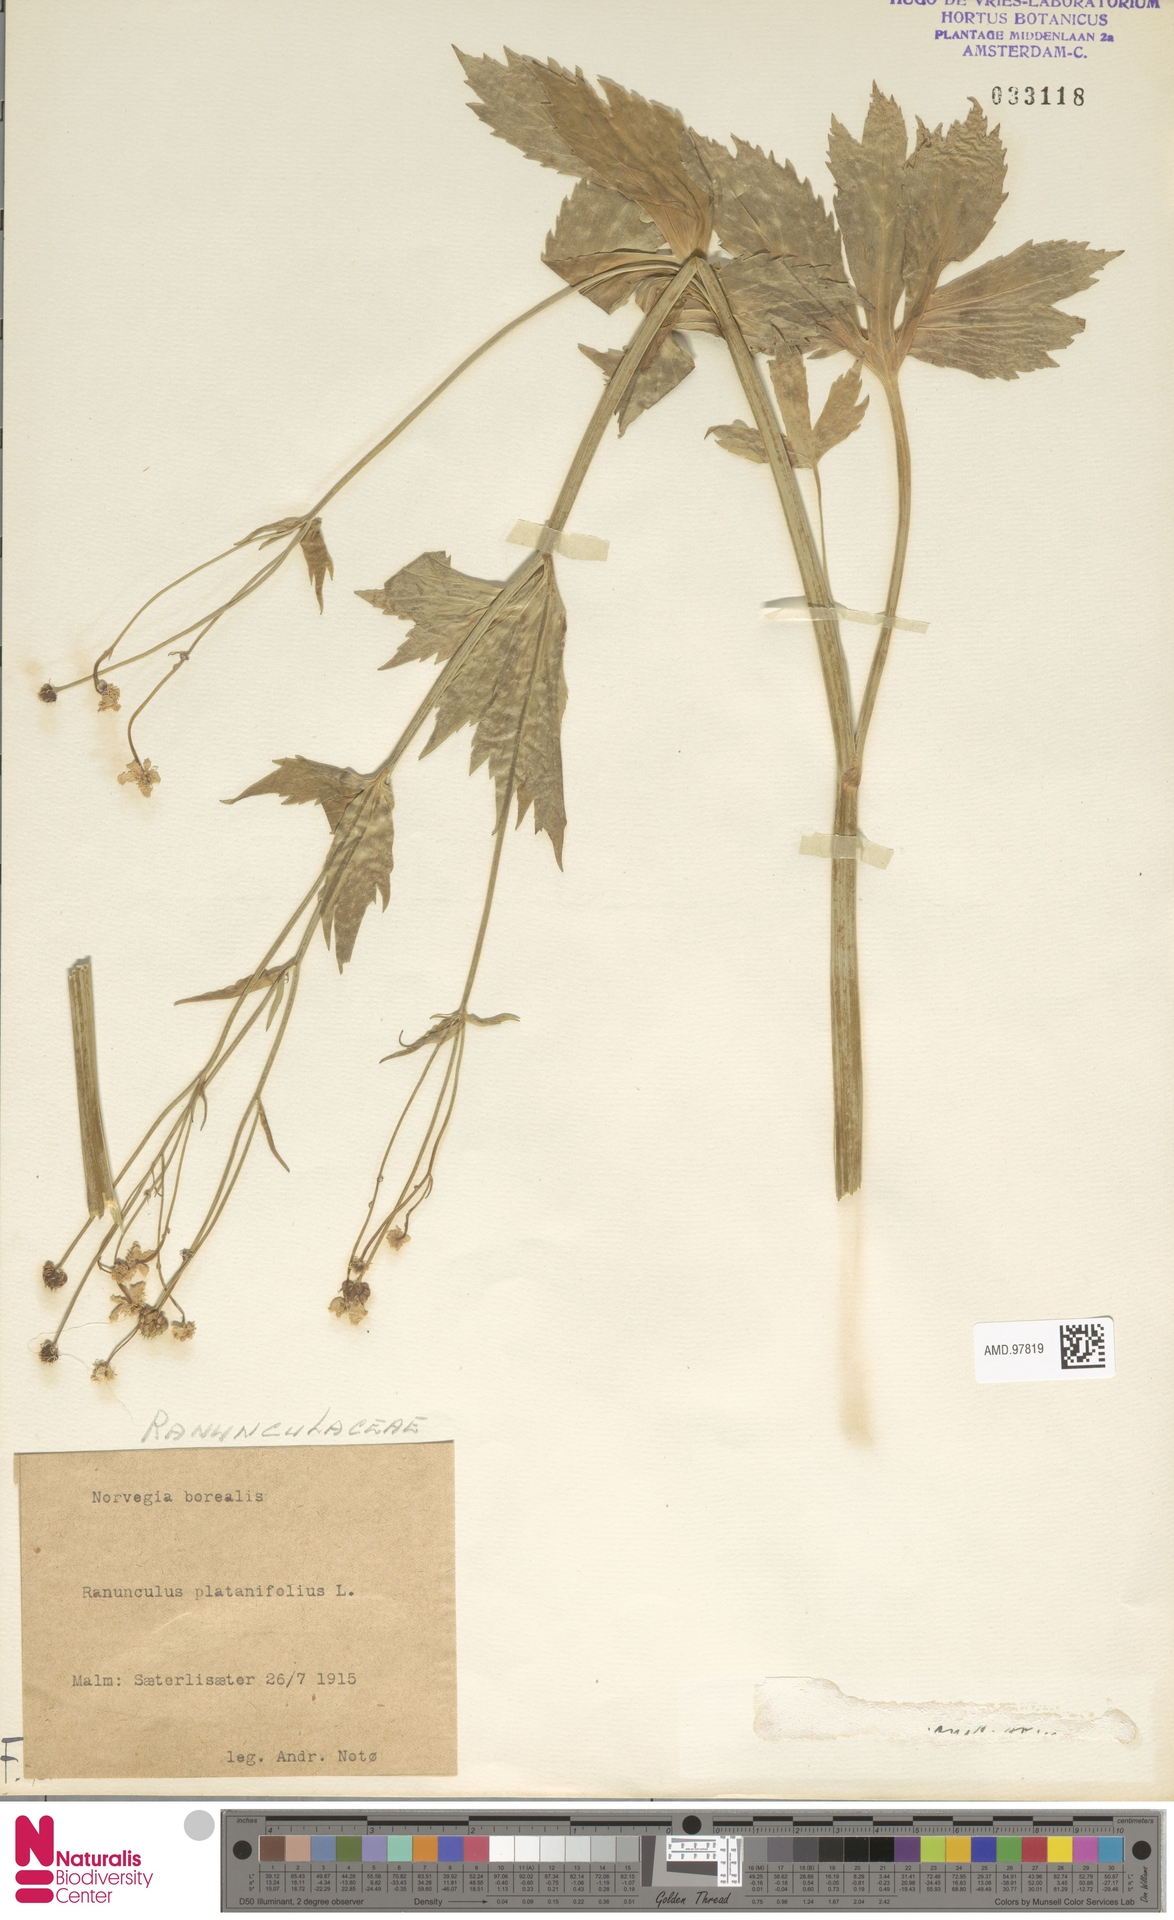 AMD.97819 | Ranunculus platanifolius L.